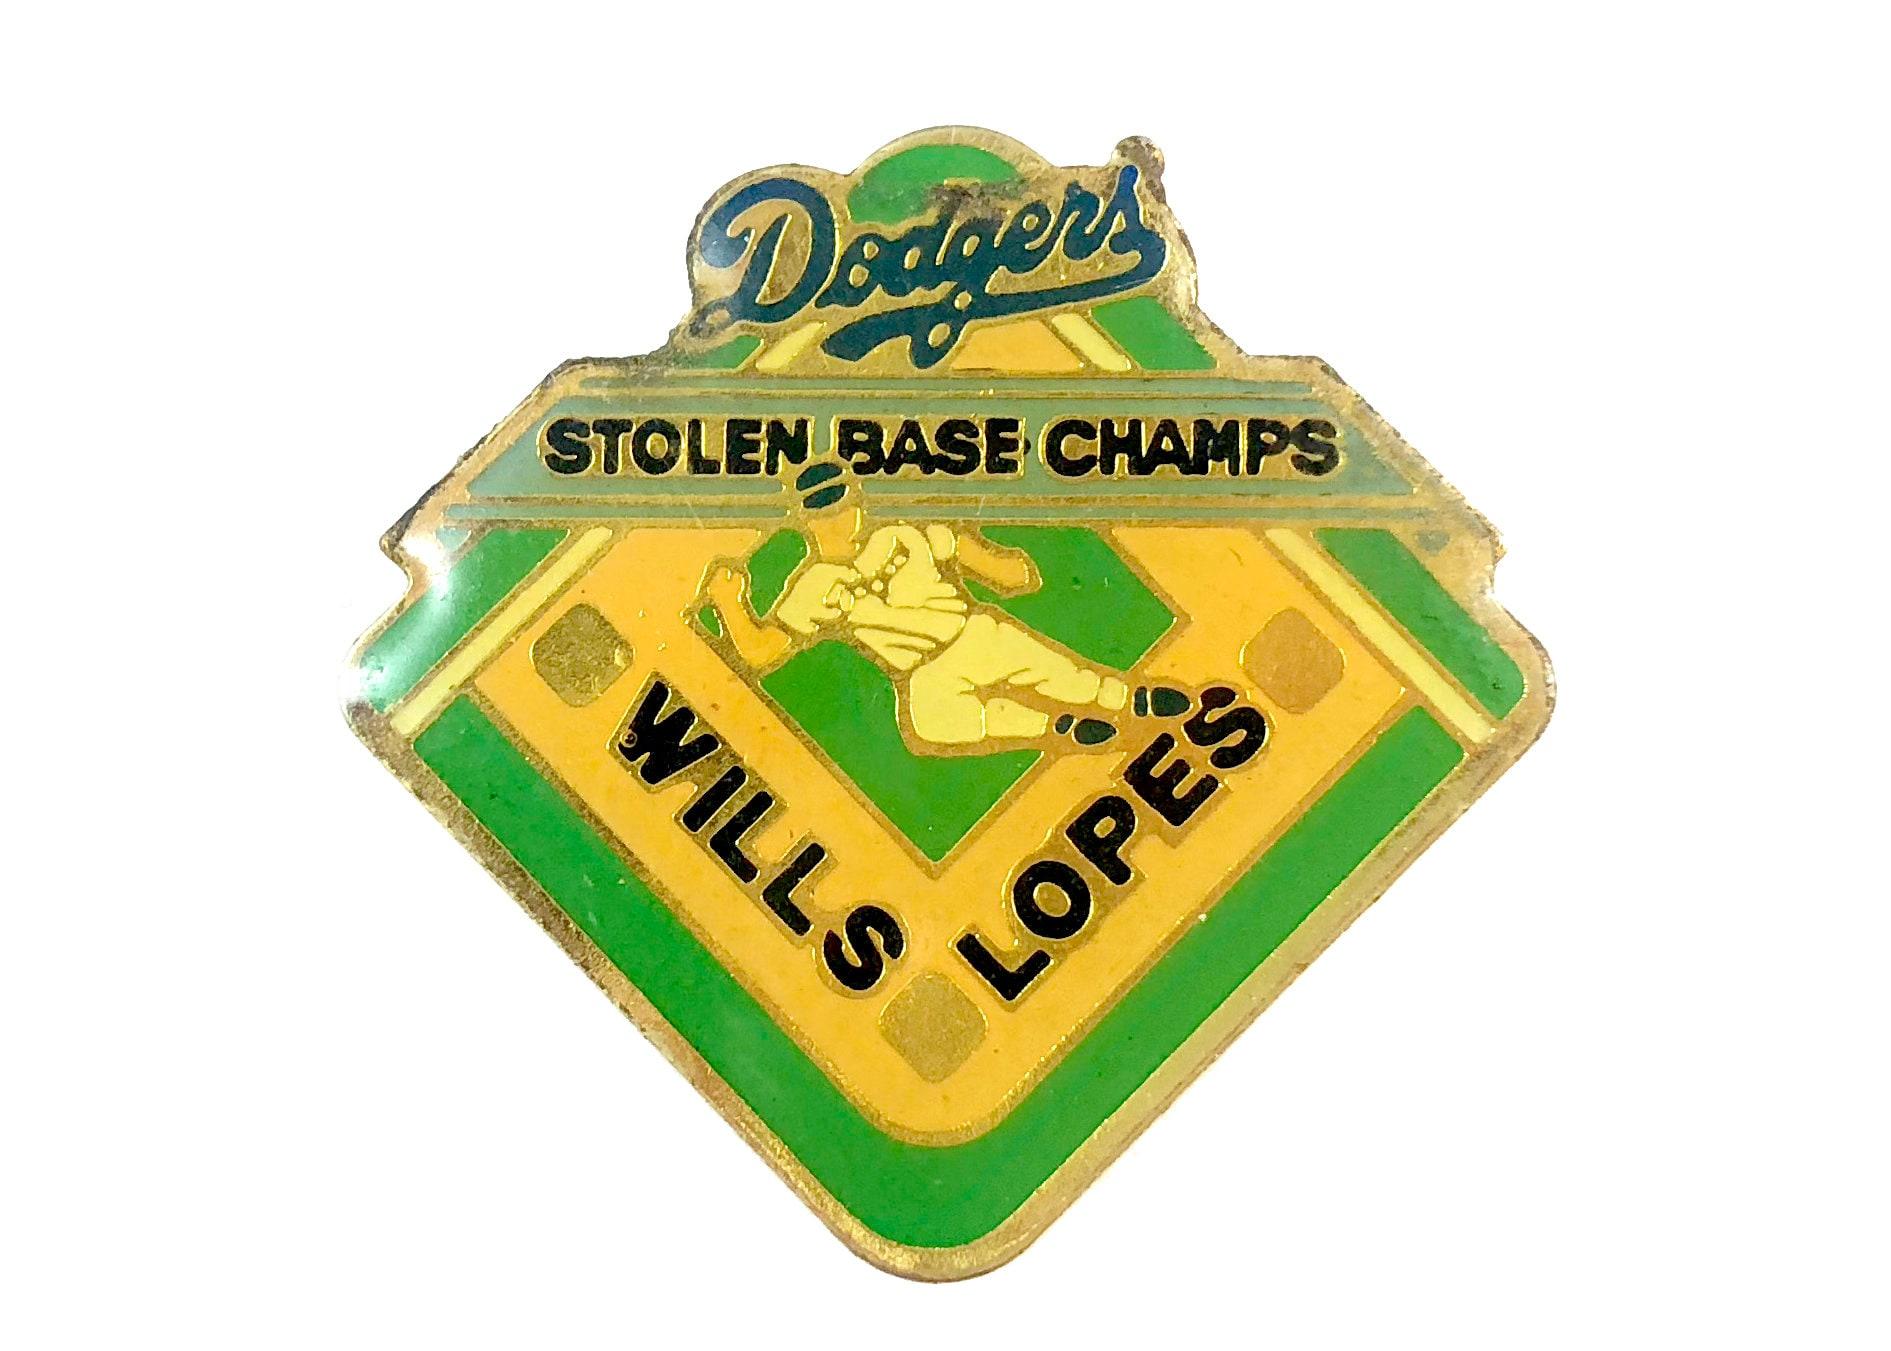 69c32b7b8 LA Dodgers Vintage Enamel Lapel Pin Stolen Base Champs Wills